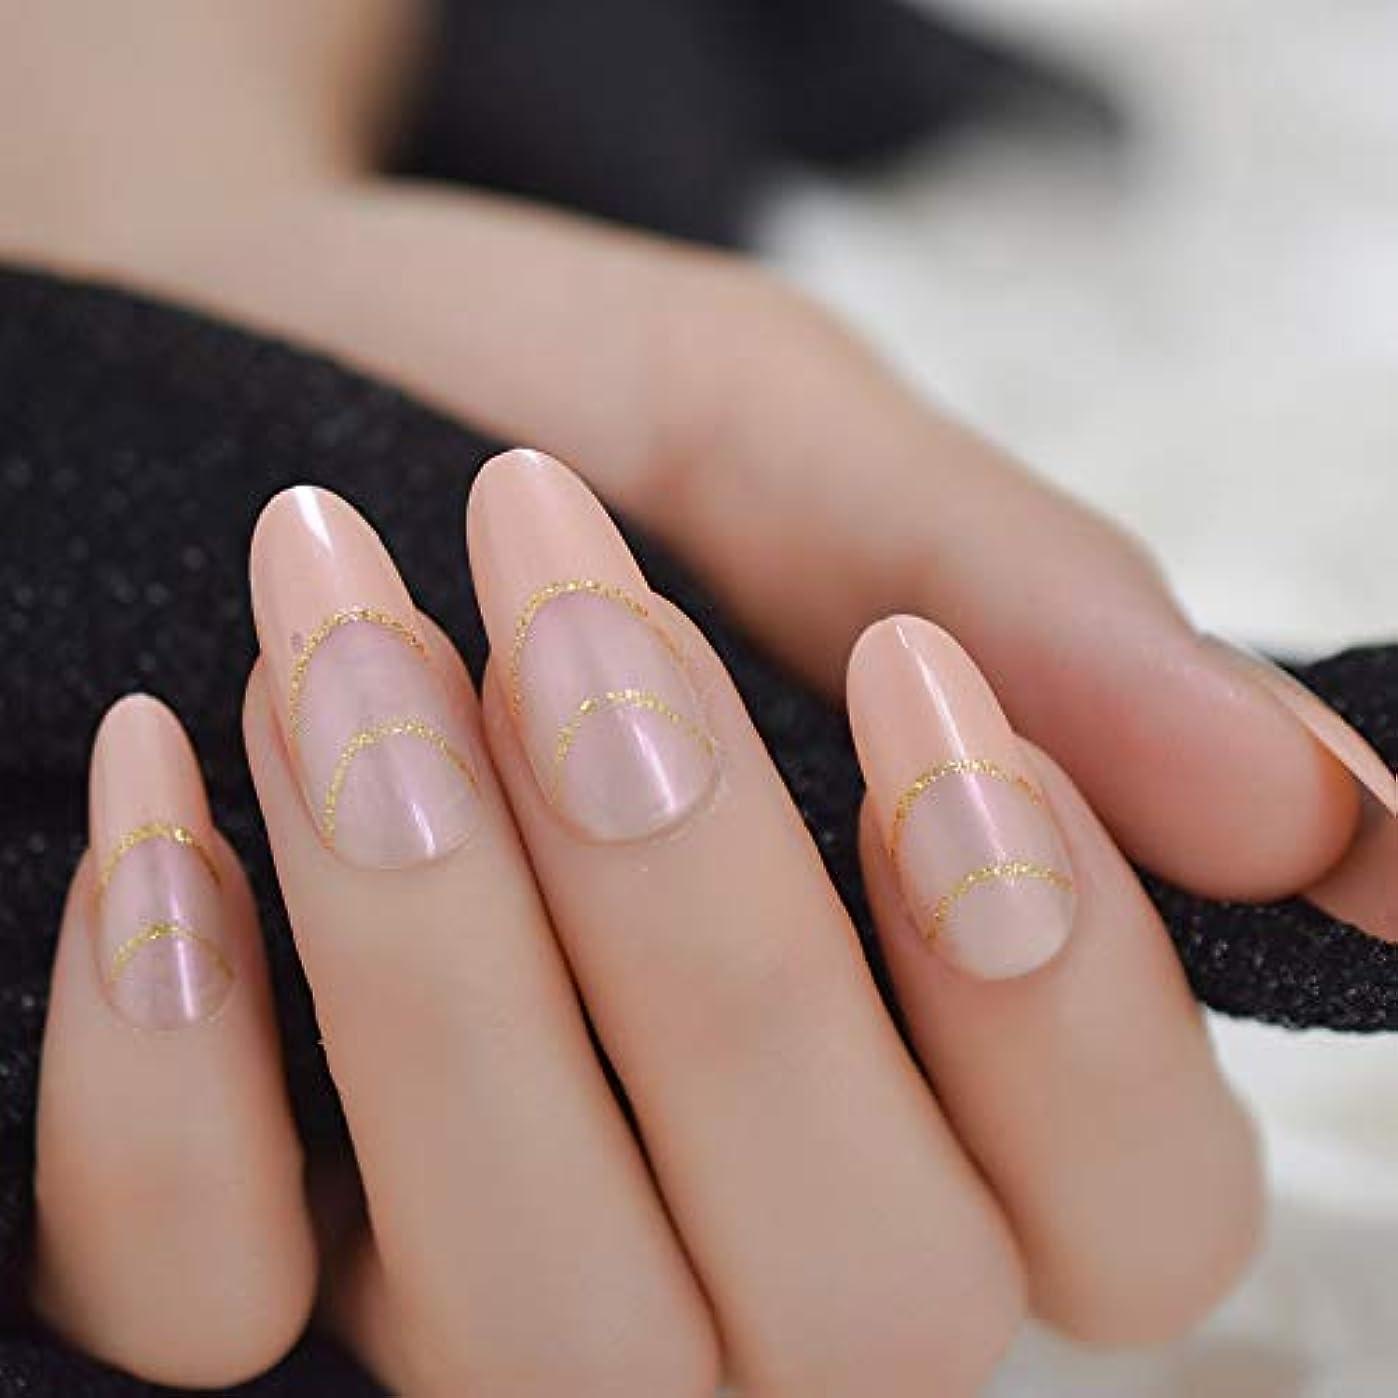 約束する分布恵みXUTXZKA 指のためのマニキュアアートのための裸のピンクのヒントロングラウンド偽ネイルピンクがかったゴールドラメの偽ネイルフォーム